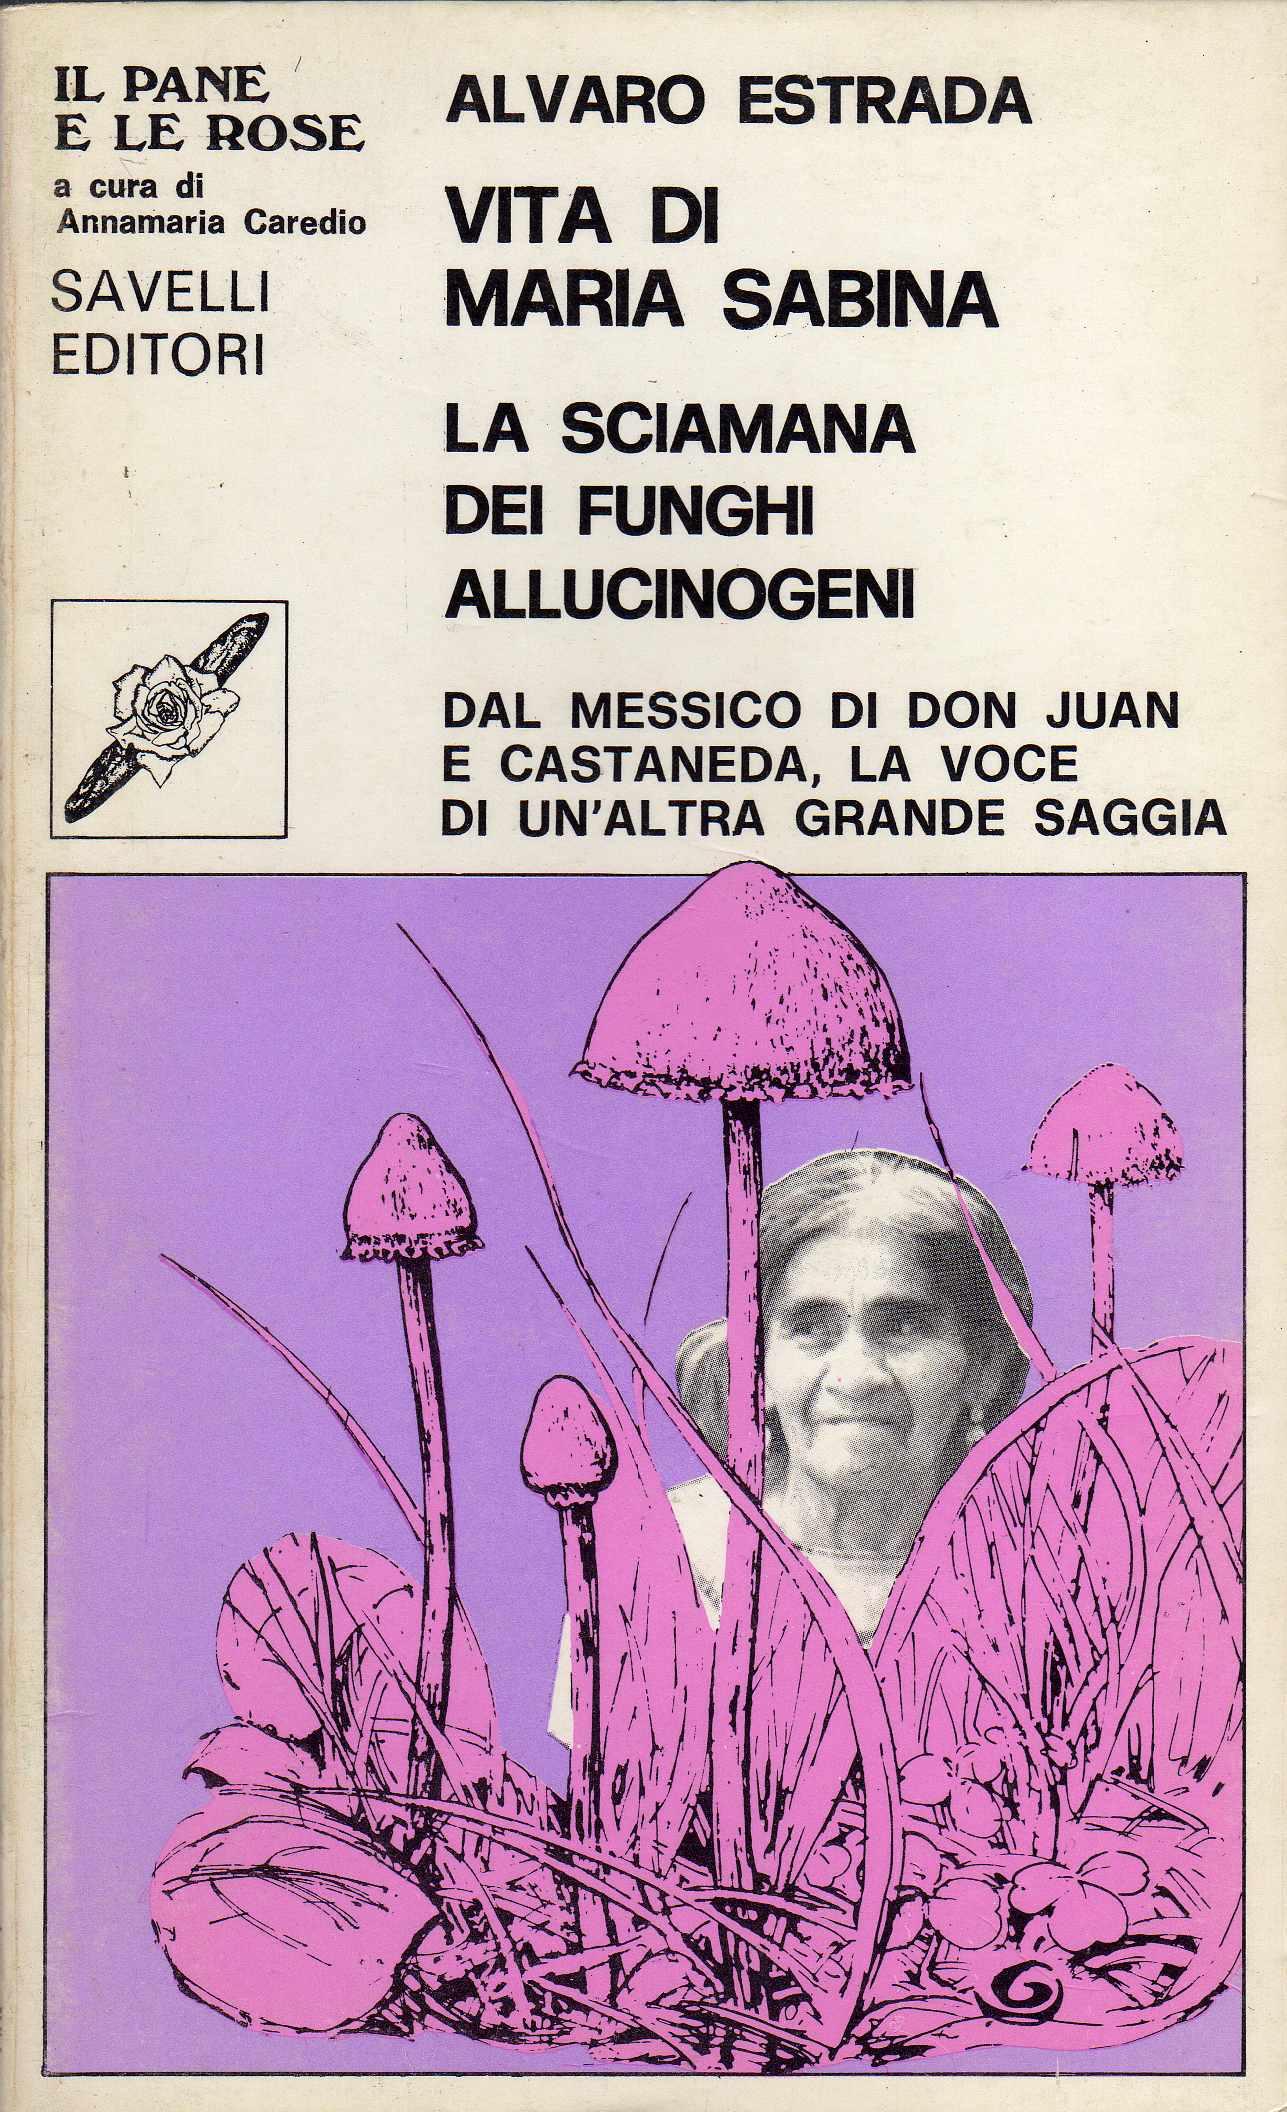 """Un vero libro cult: """"Vita di Maria Sabina la sciamana dei funghi allucinogeni"""""""